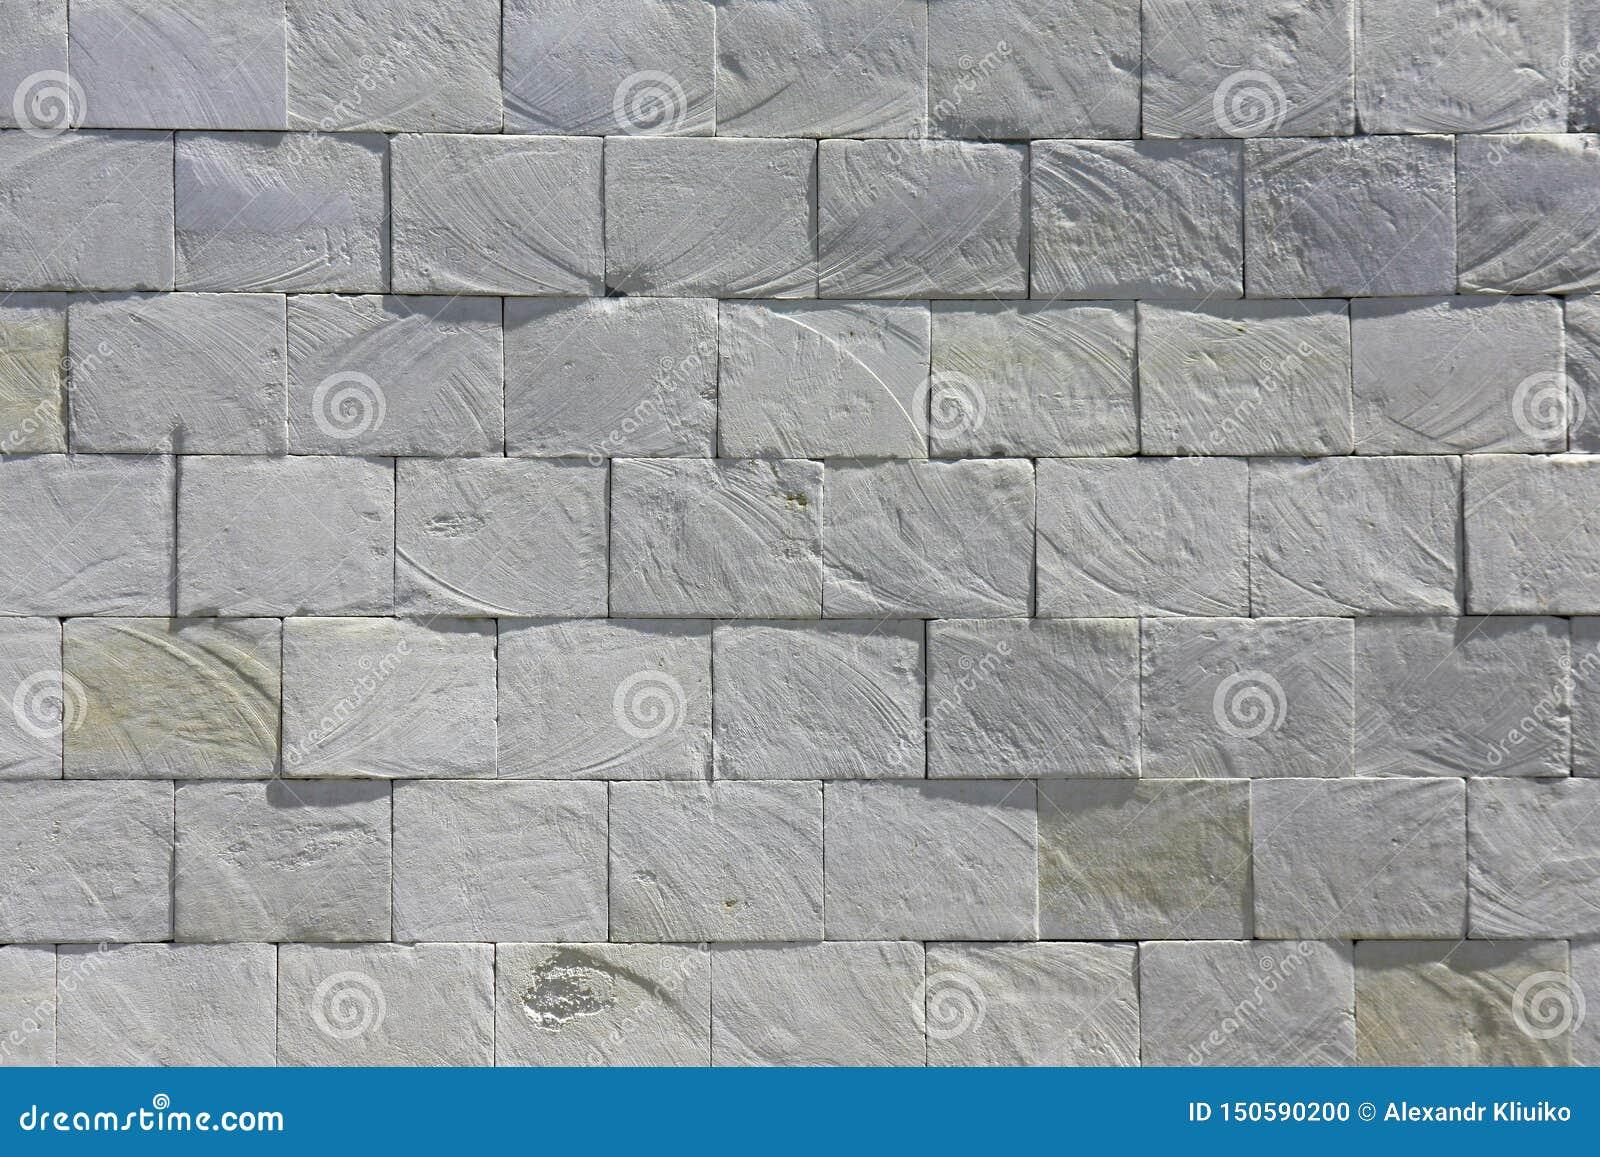 De witte van de de steentegel van de leibaksteen achtergrond van de de muur rustieke textuur grunge